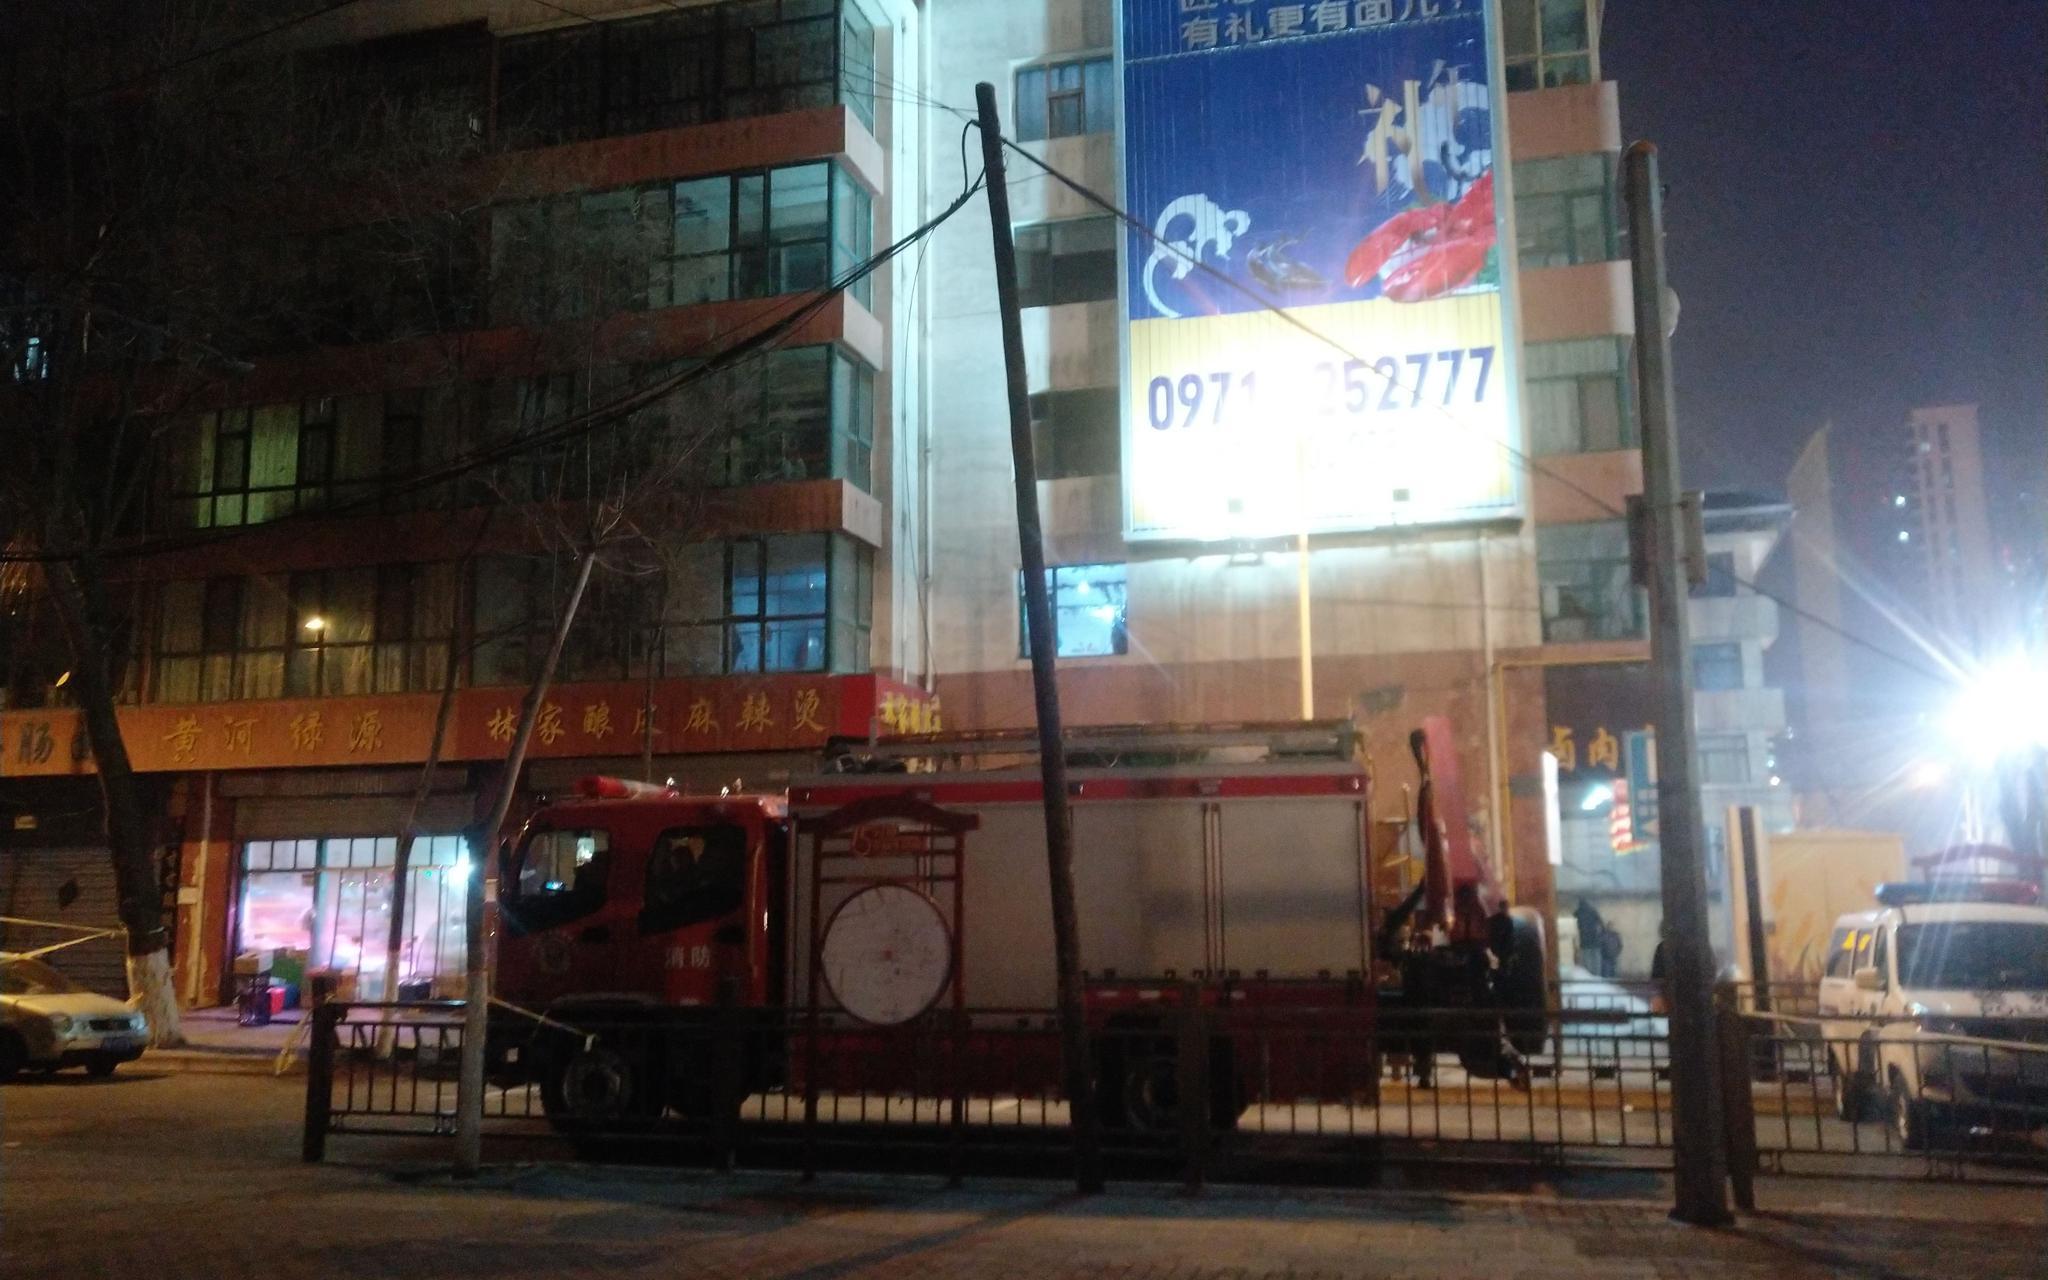 1月16日晚,救援现场外的巷道里停着一辆消防车。 新京报记者 张惠兰 摄